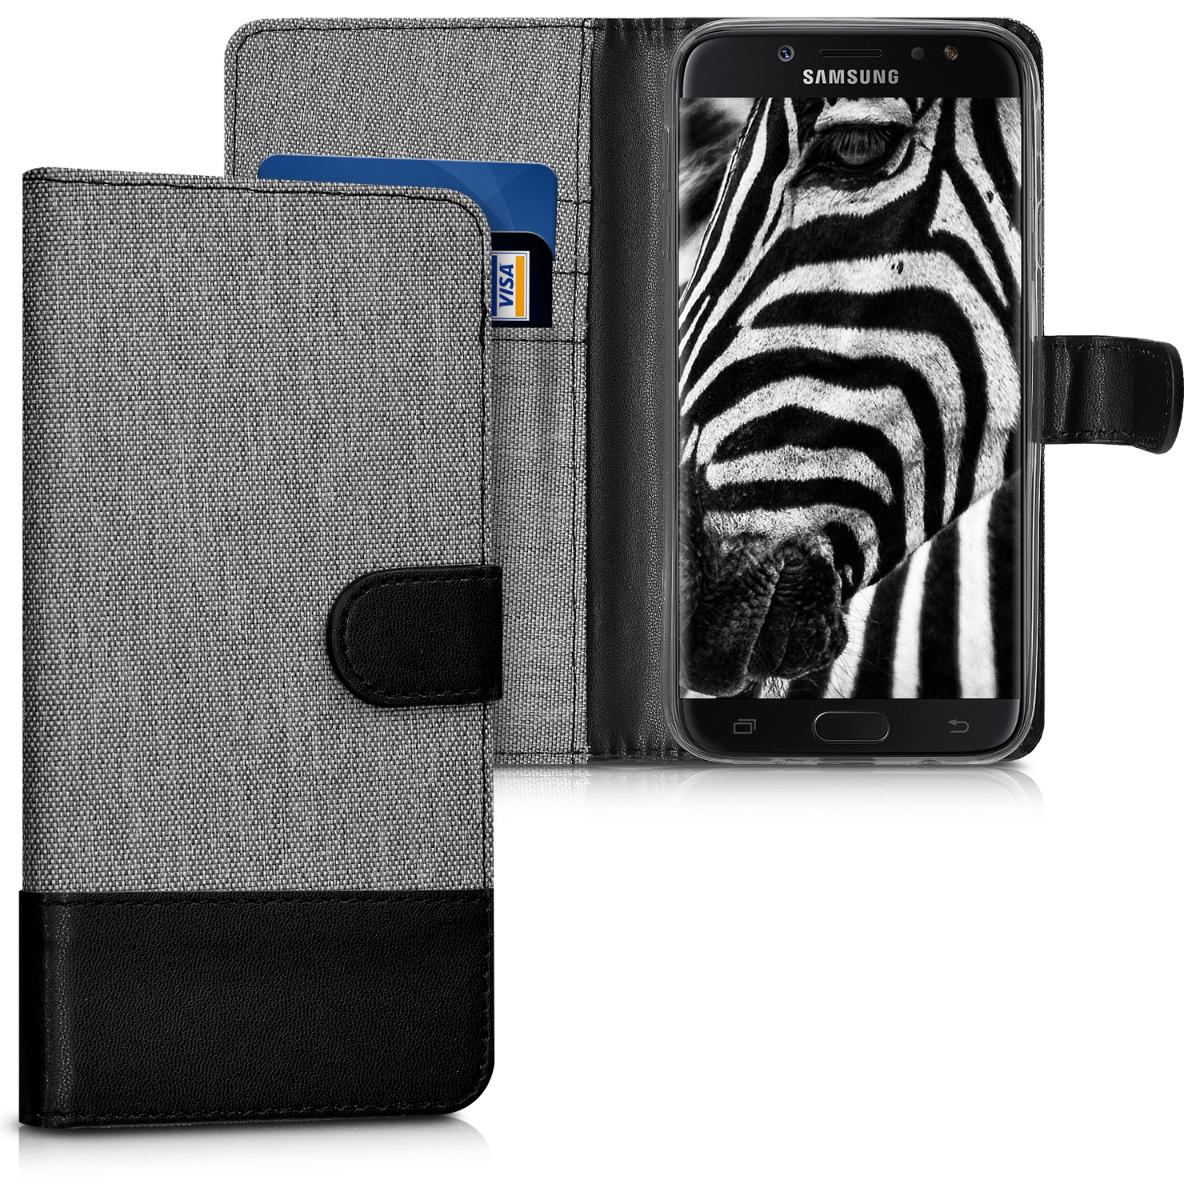 KW Θήκη - Πορτοφόλι Samsung Galaxy J7 (2017) DUOS - Συνθετικό Δέρμα - Grey / Black (41234.01)